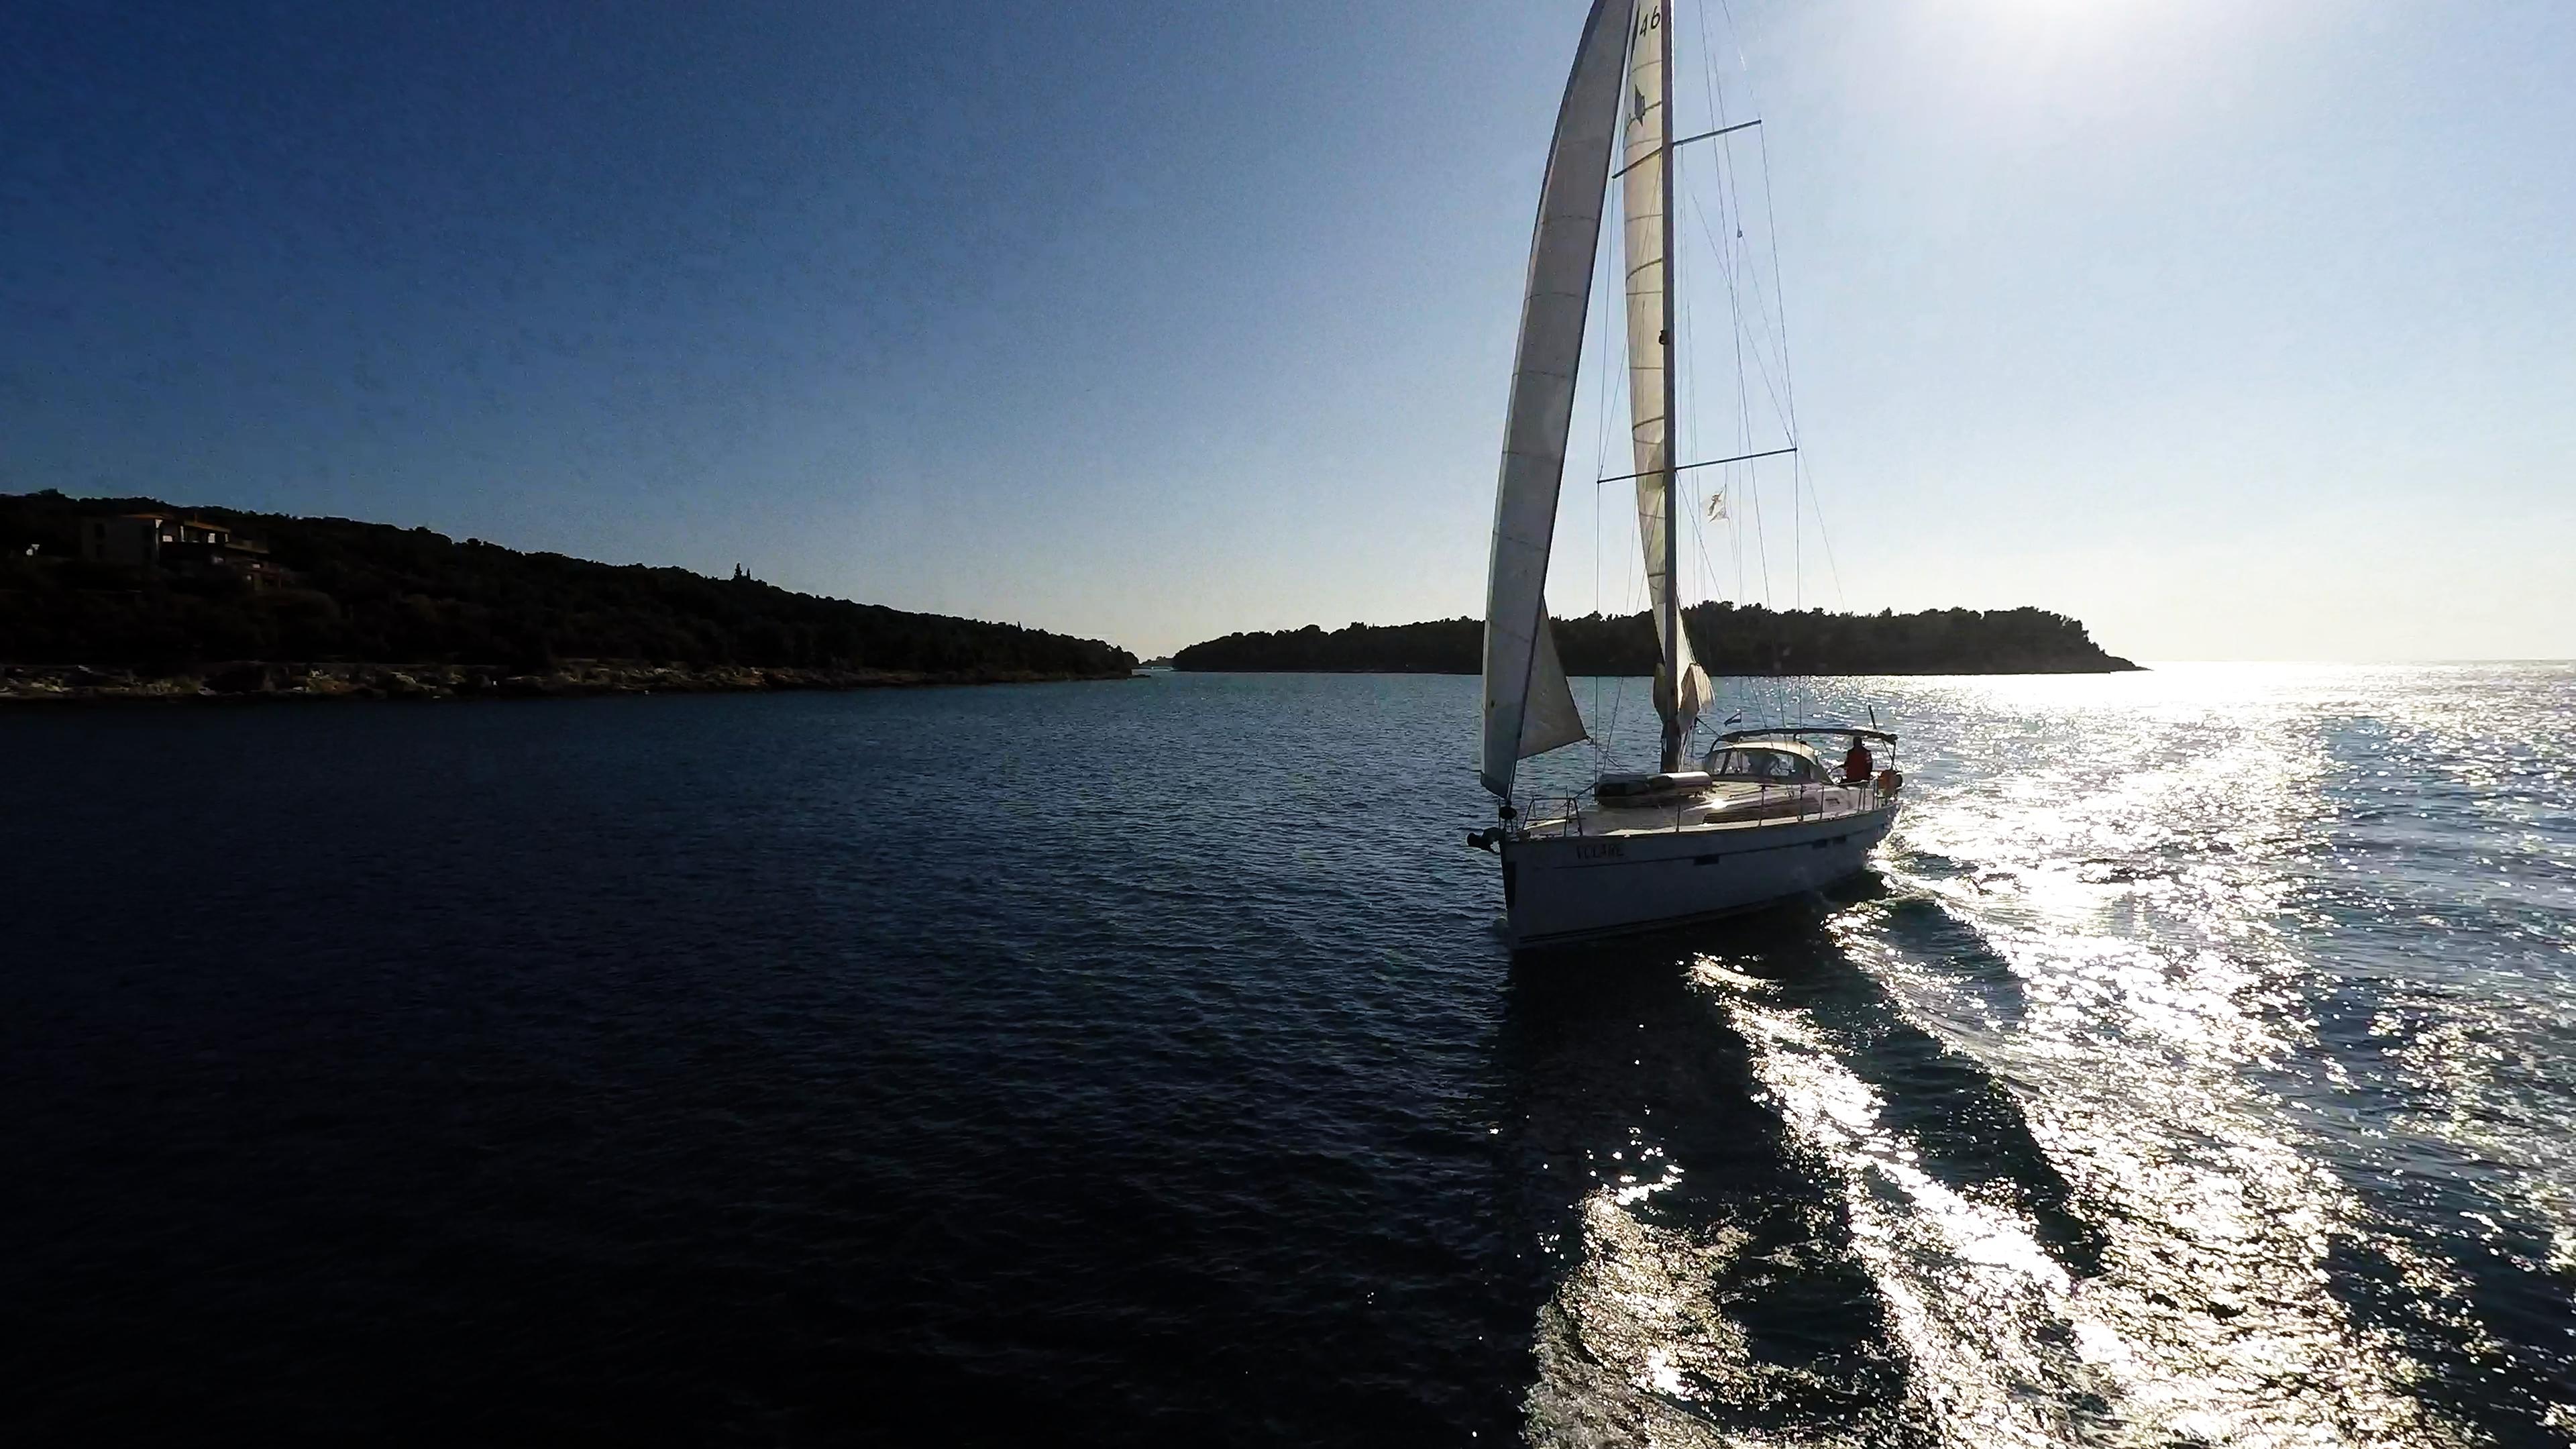 barcha a vela yacht a vela Croazia isola mare